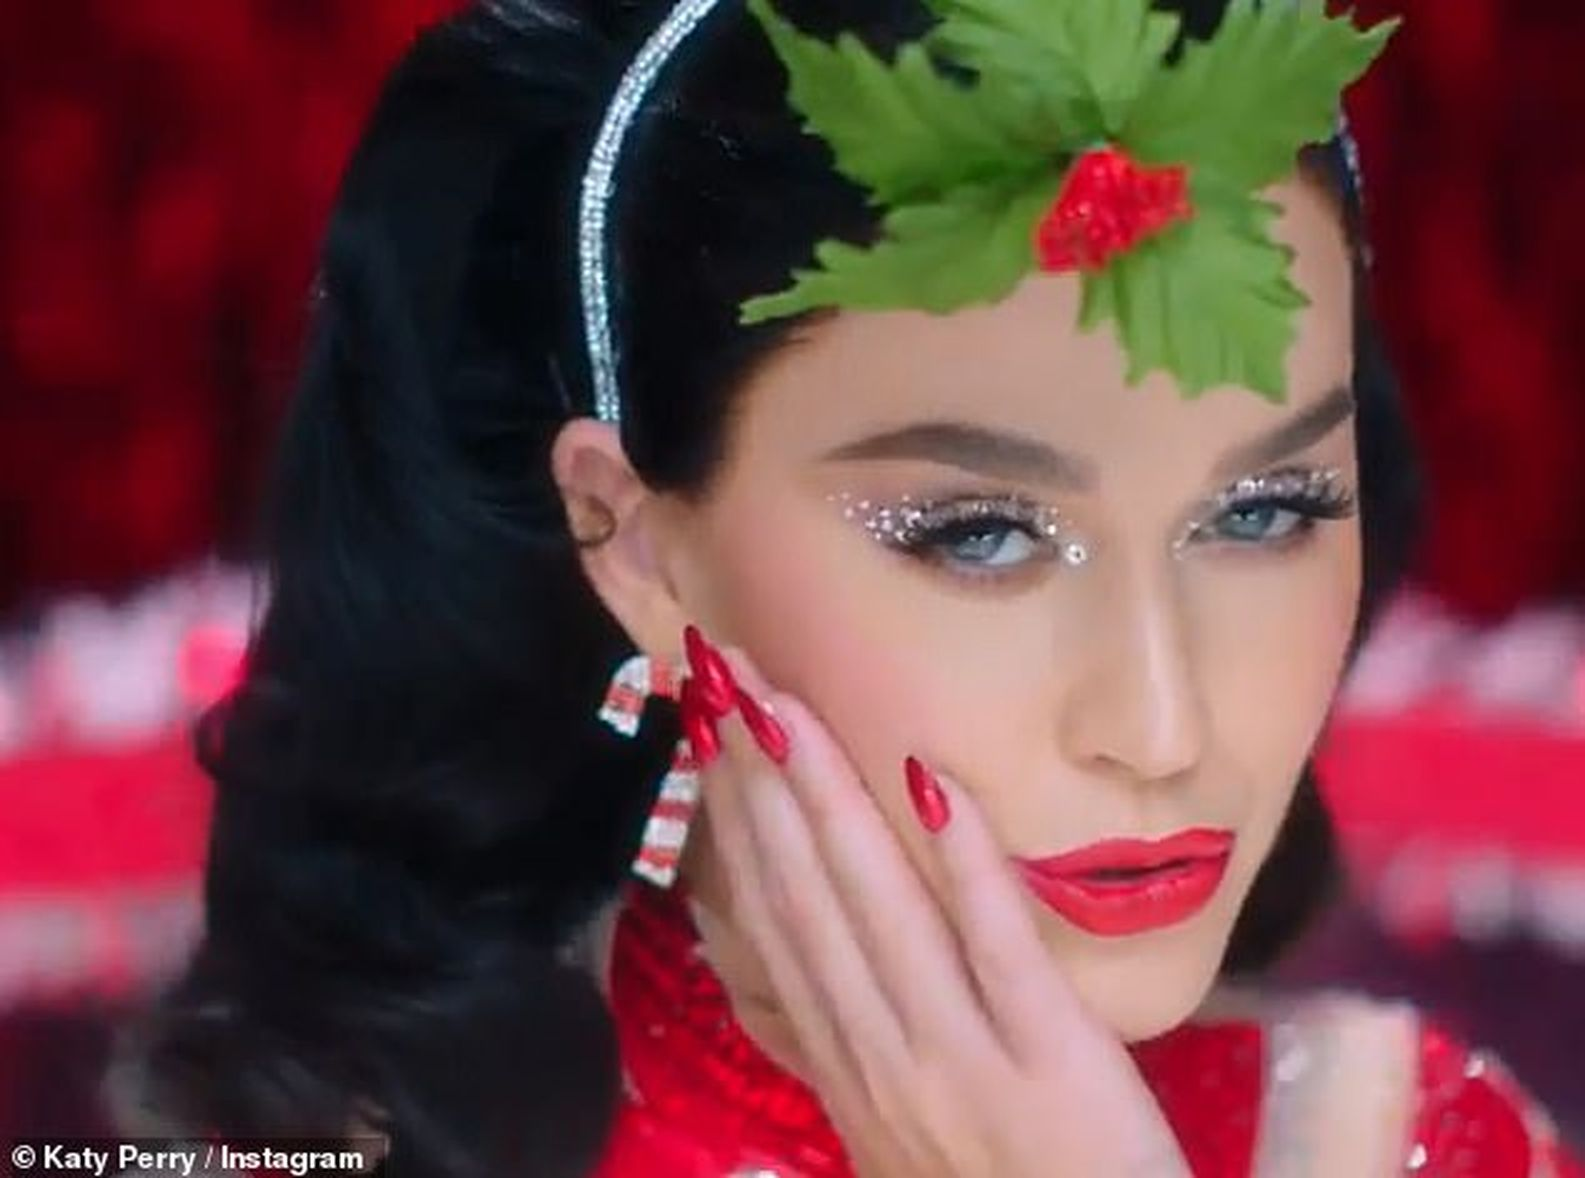 Katy將聖誕掛飾掛在頭髮上。